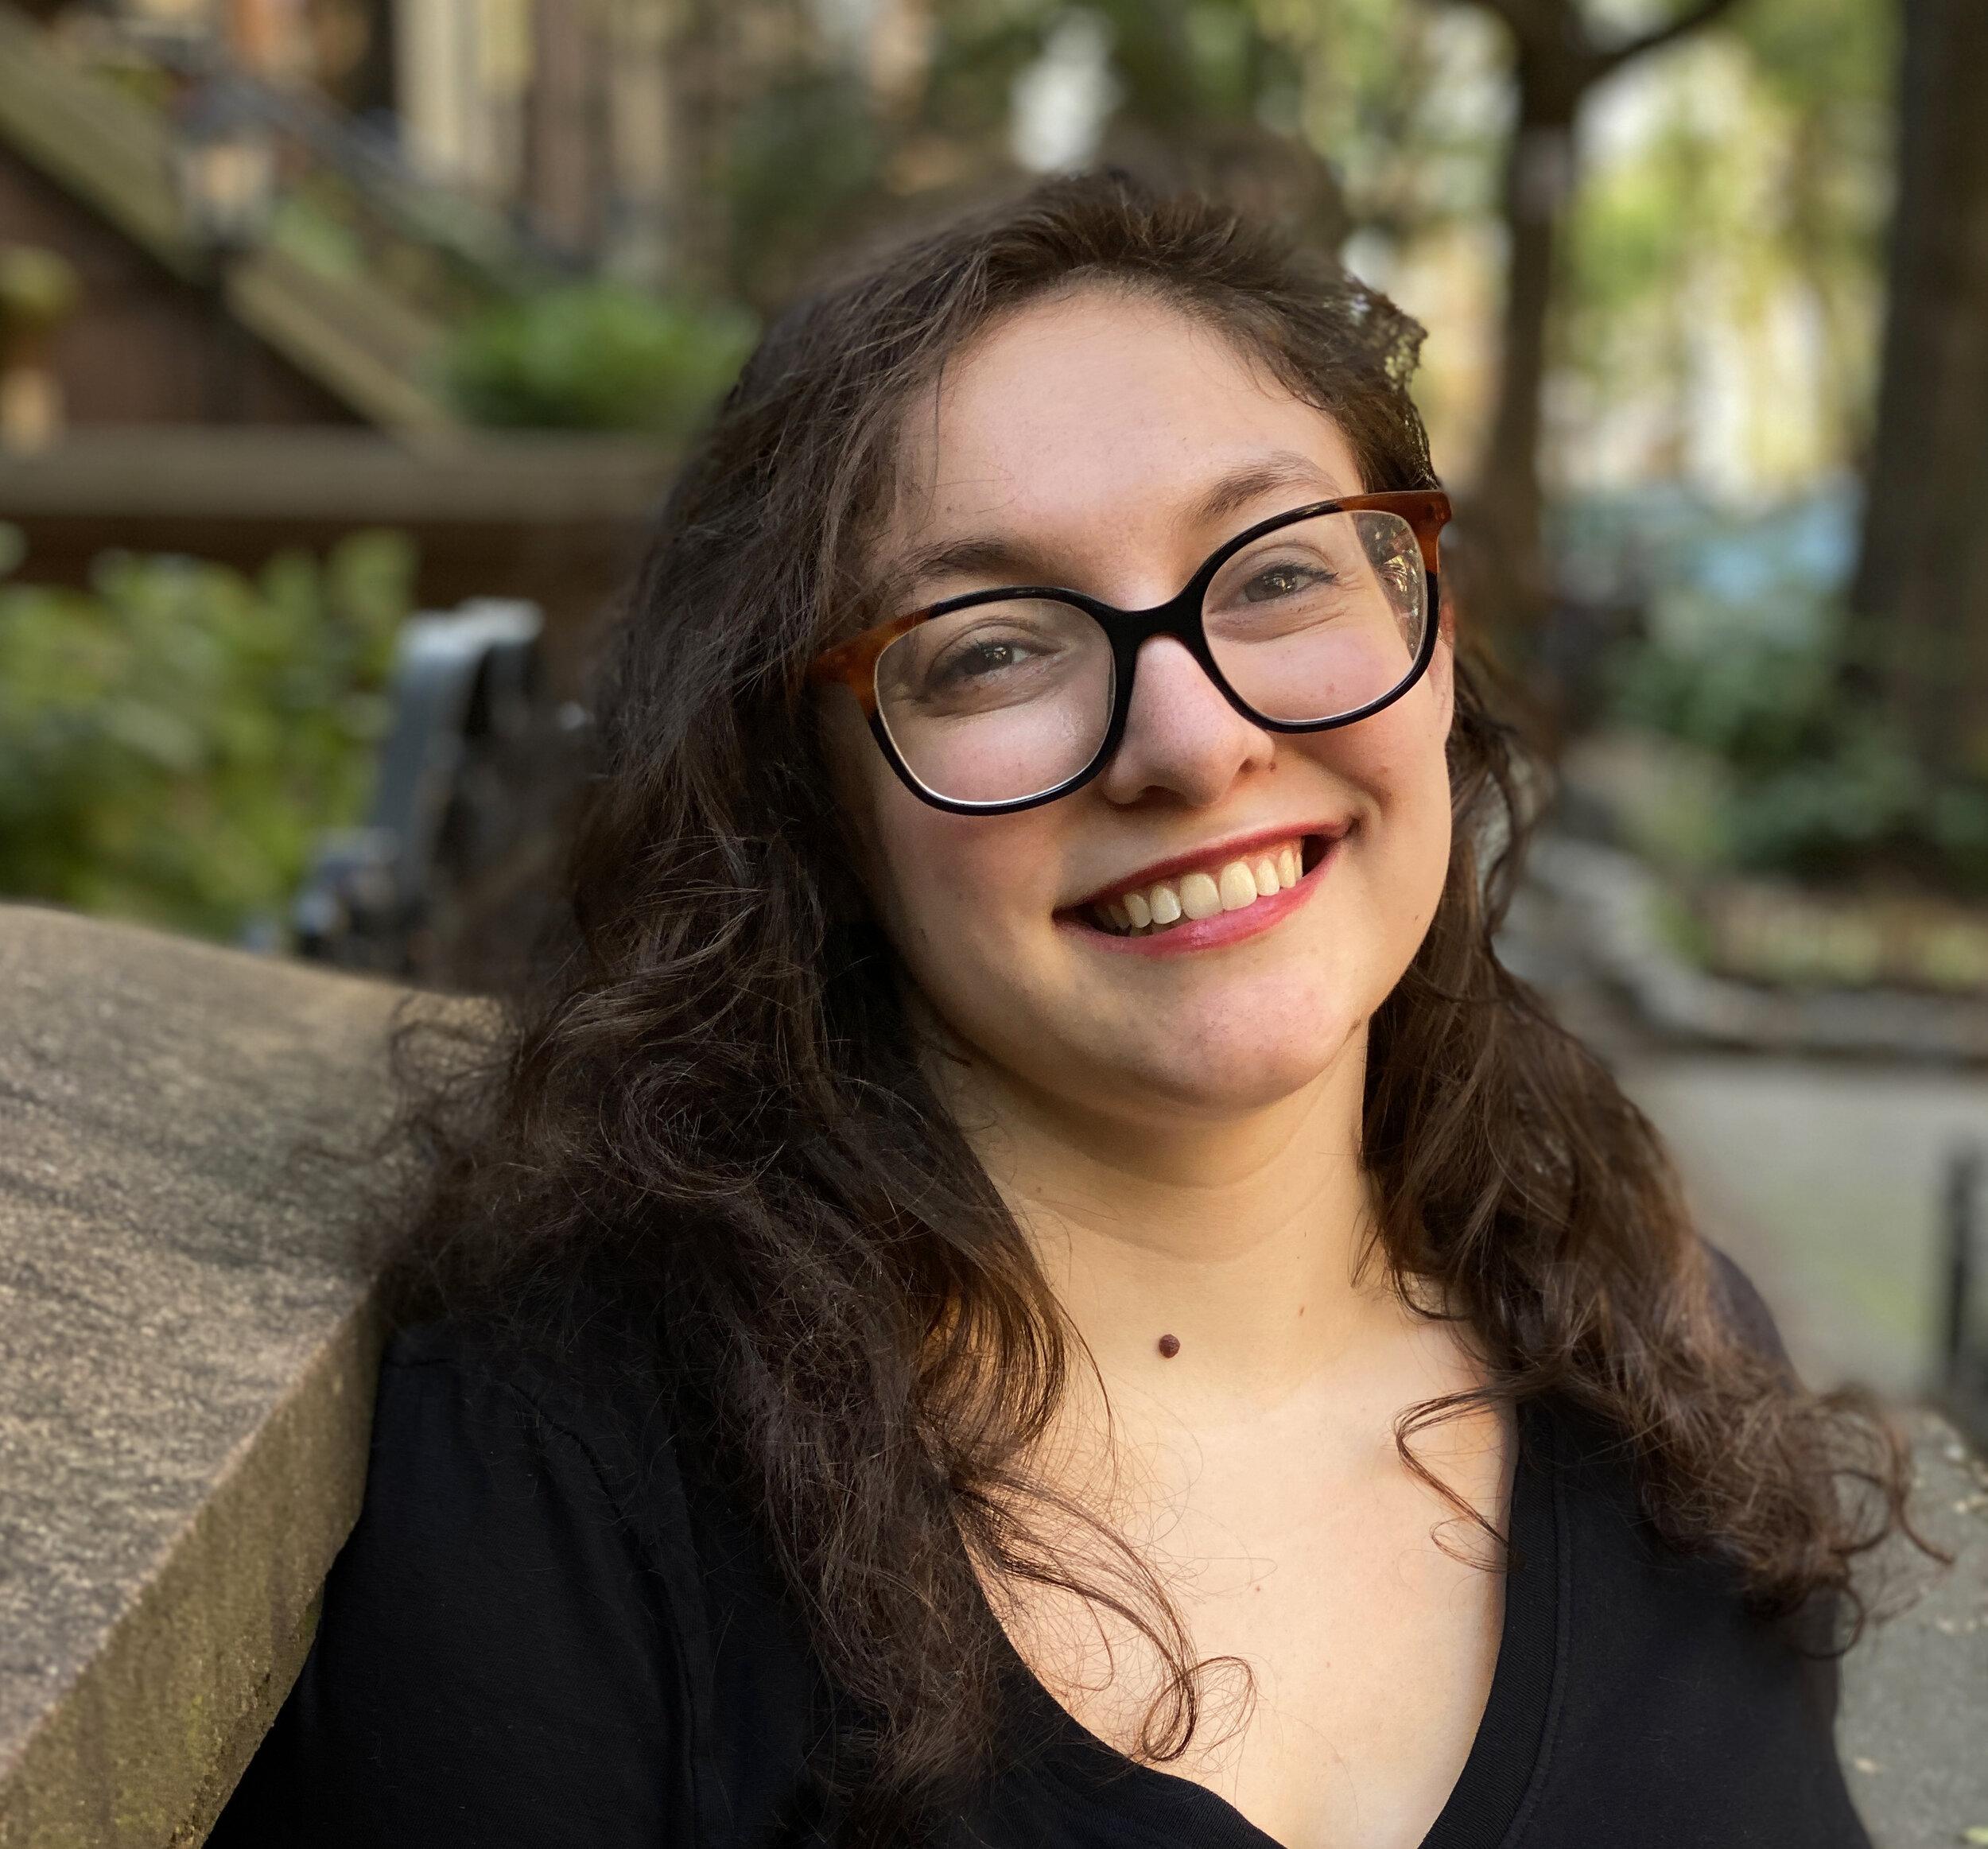 About Maxine — Maxine Kaplan Author